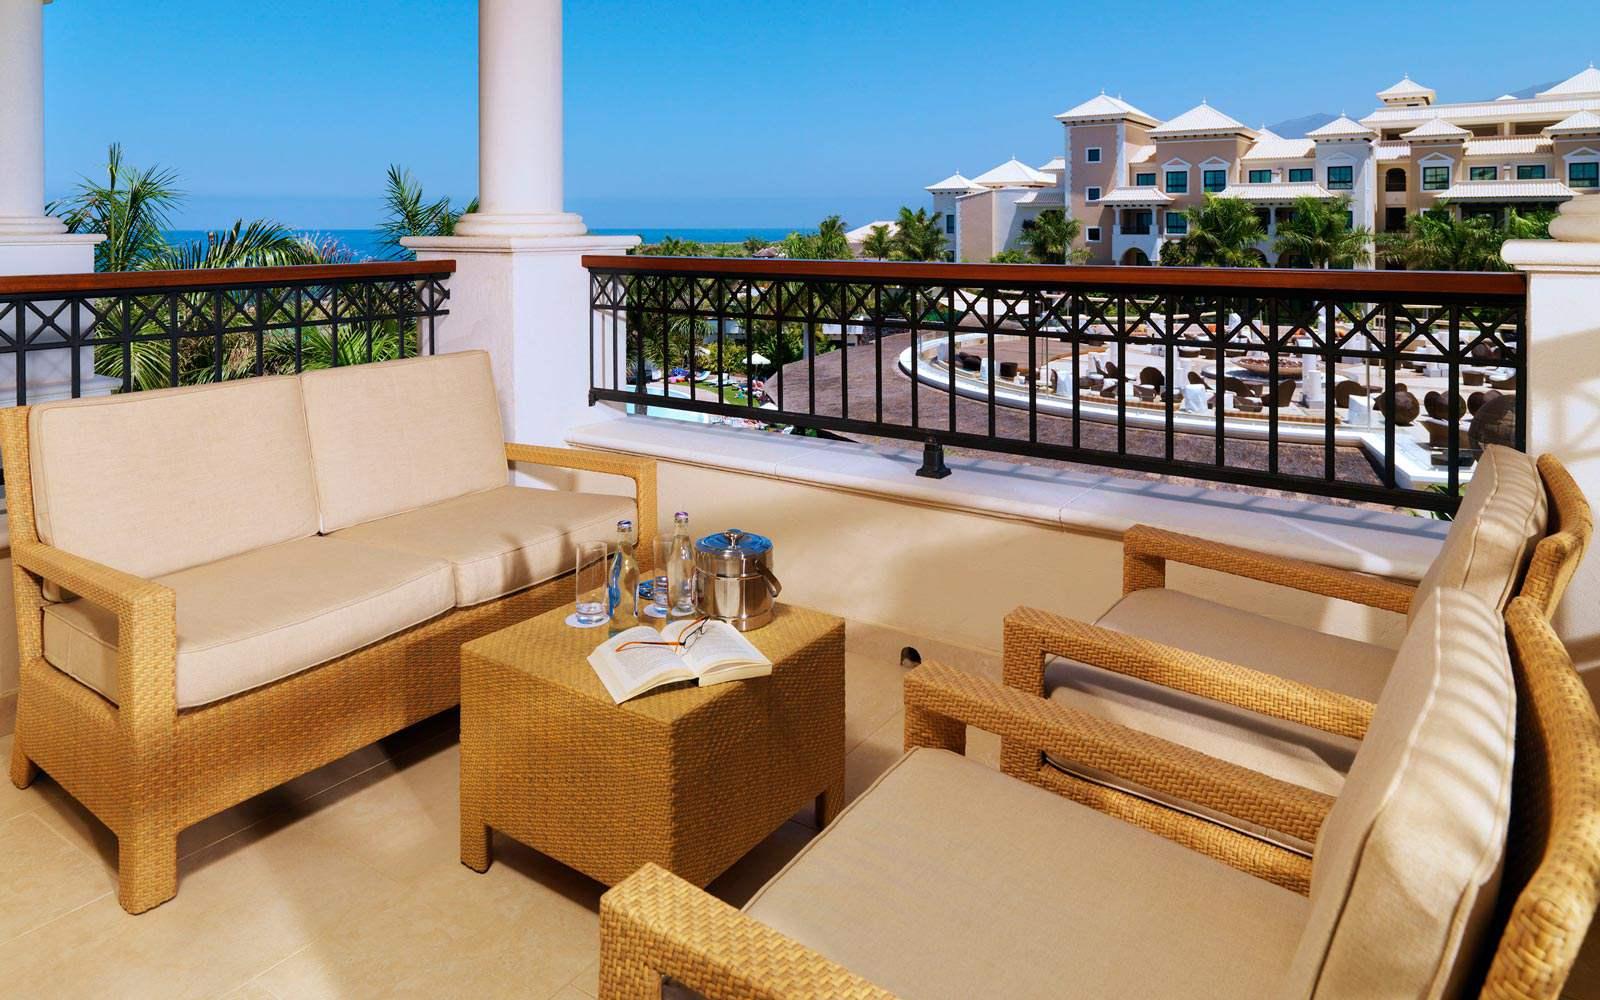 Gran Melia Palacio De Isora - Master Suite 1 bedroom - terrace